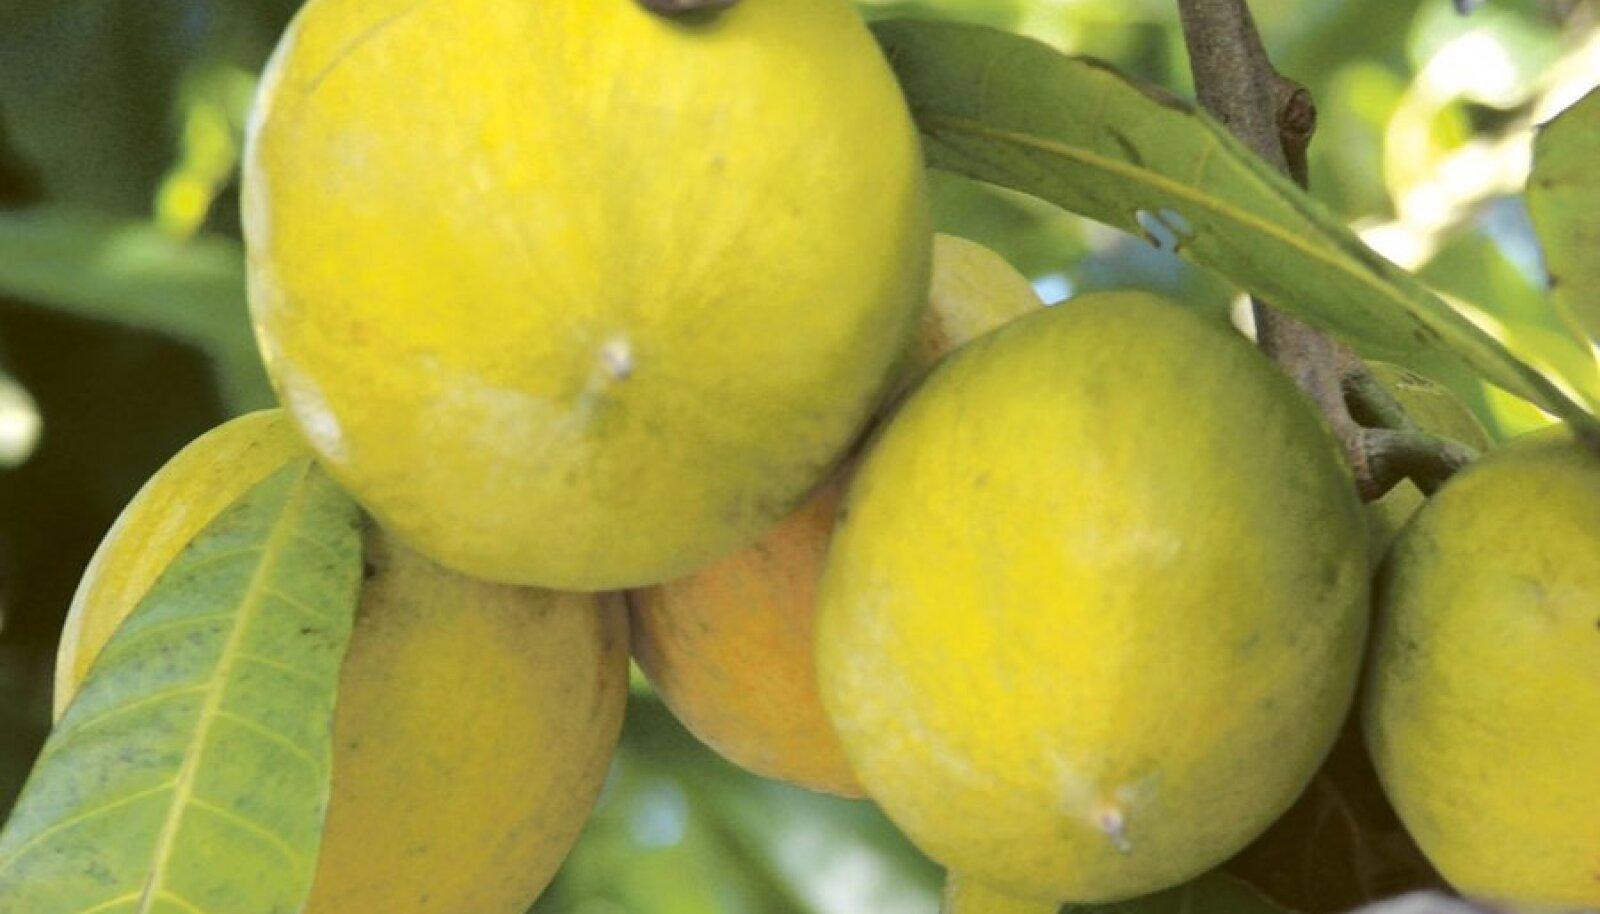 Tekstuurilt ja värvuselt meenutab luukum-marmelaadipuu viljaliha kõvakskeedetud munakollast.